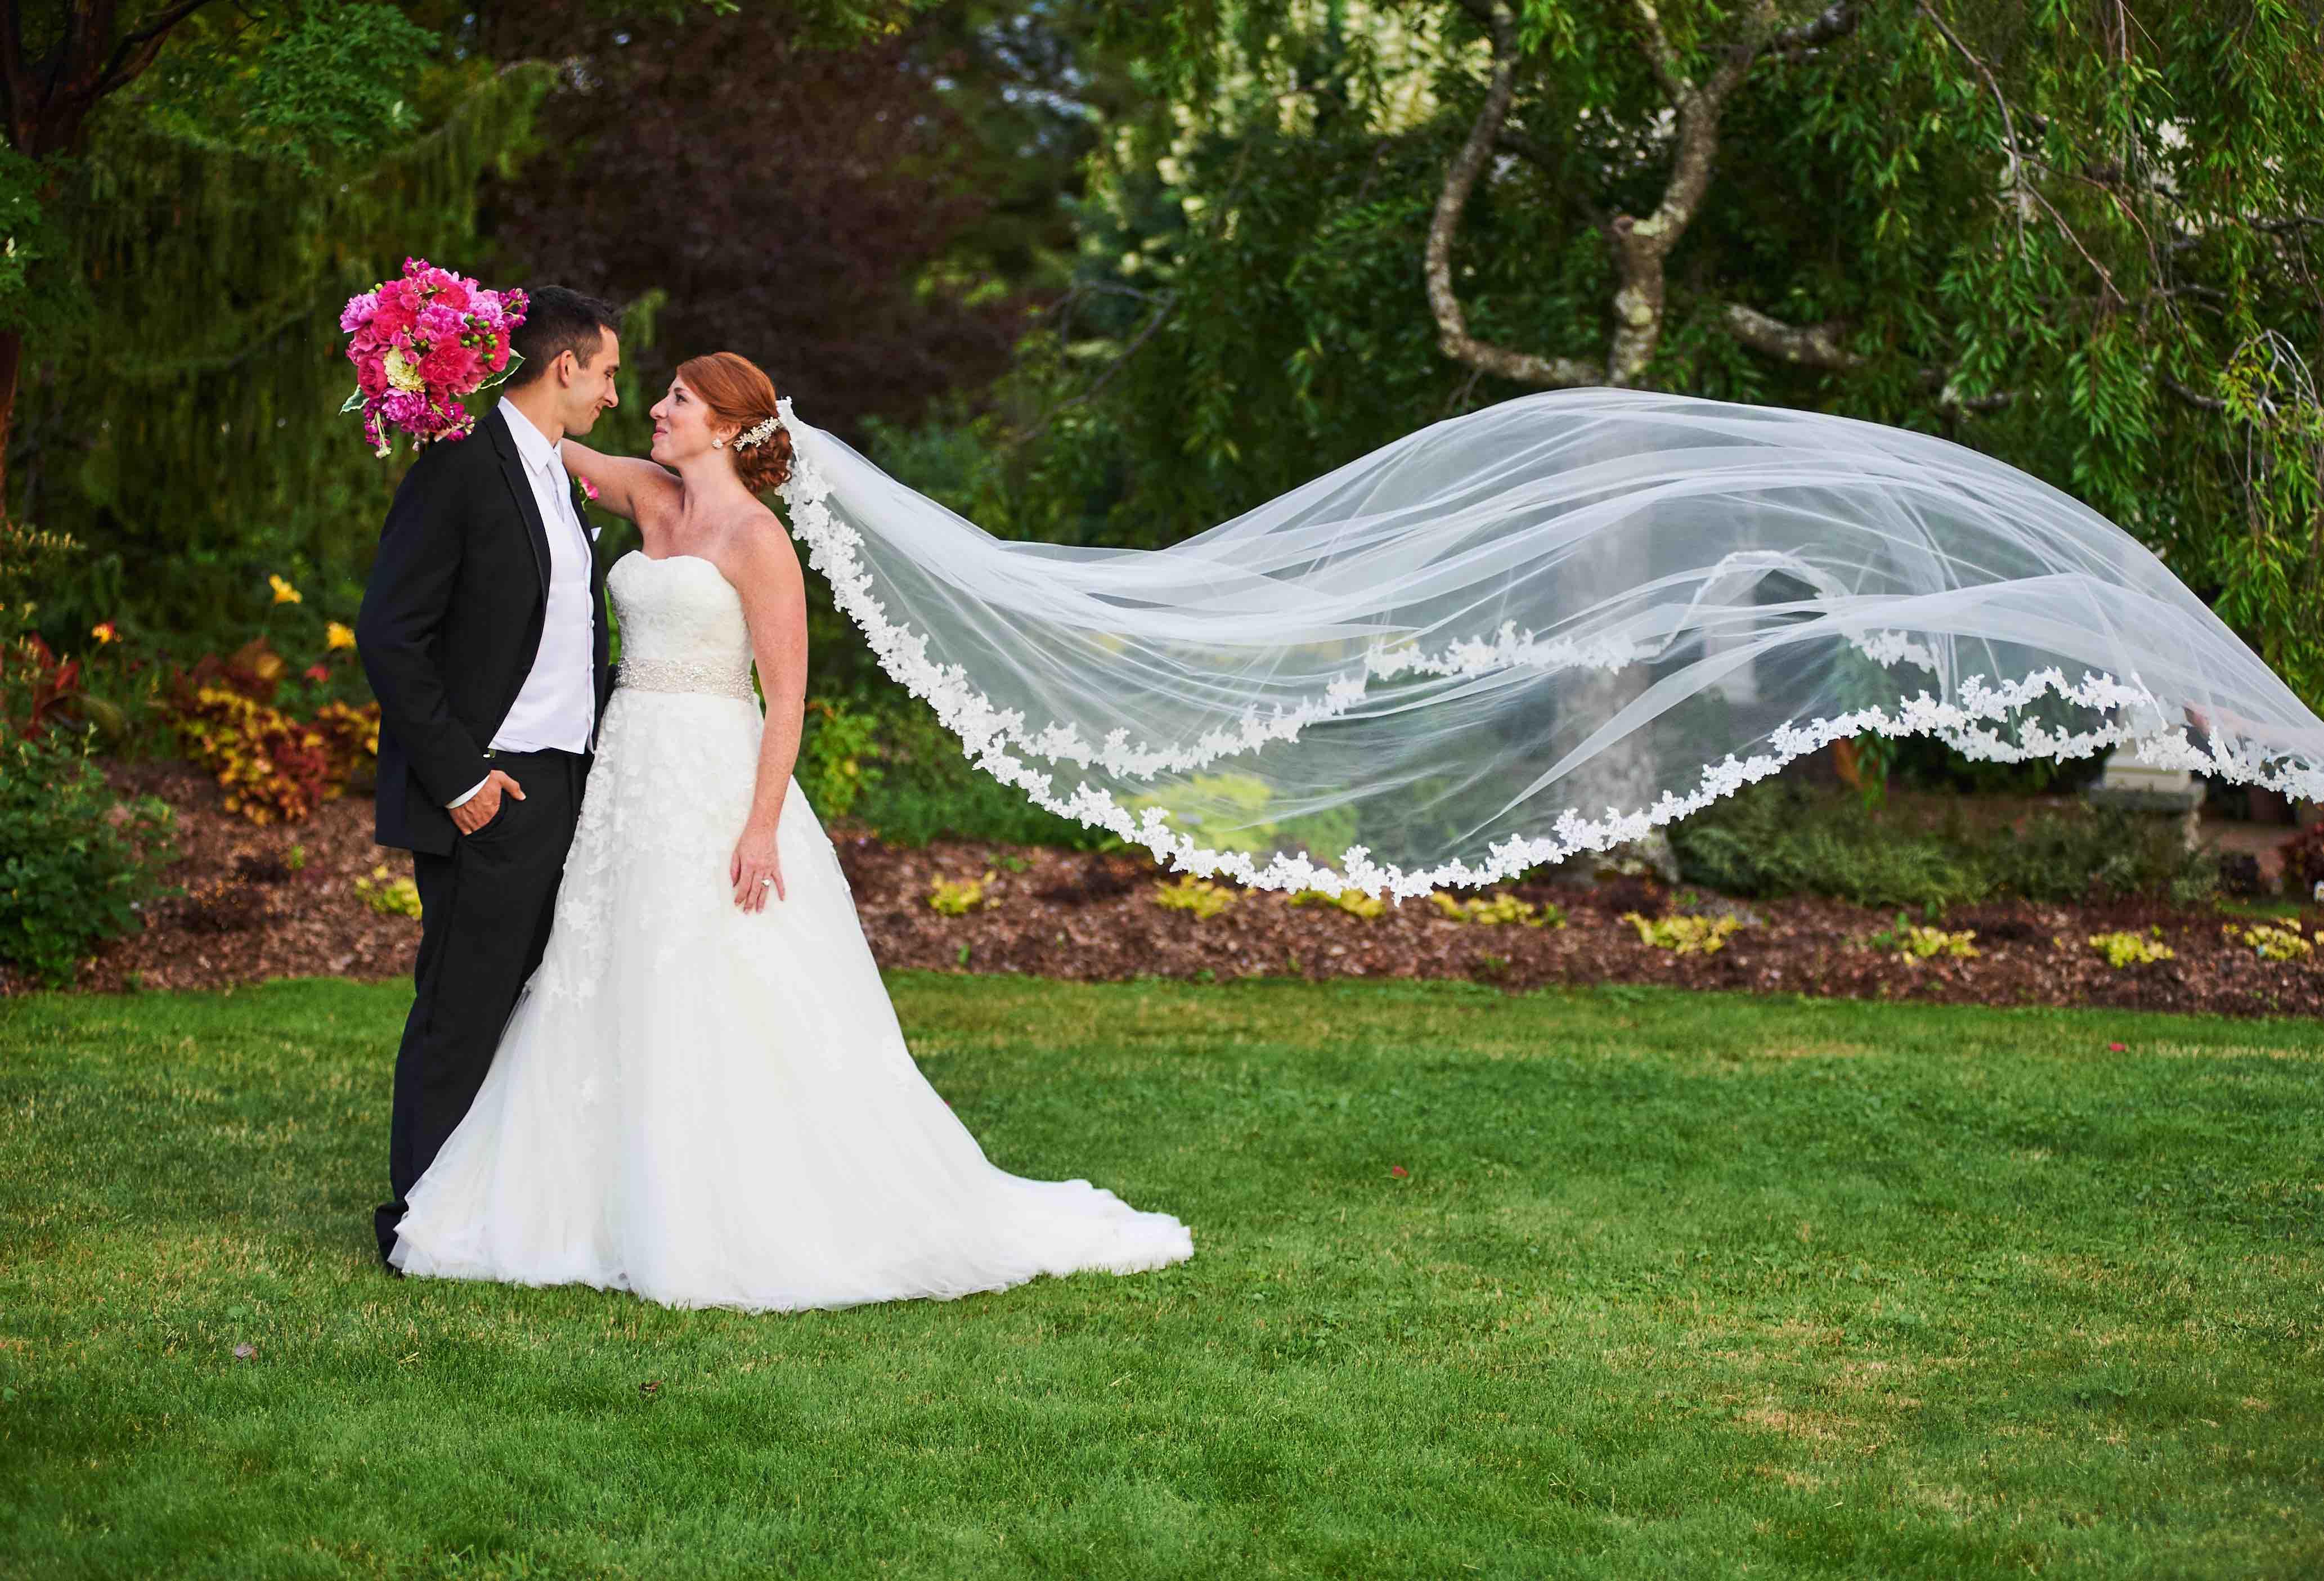 Our Brides Uniquely Couture Bridal Bedford NH Bridal